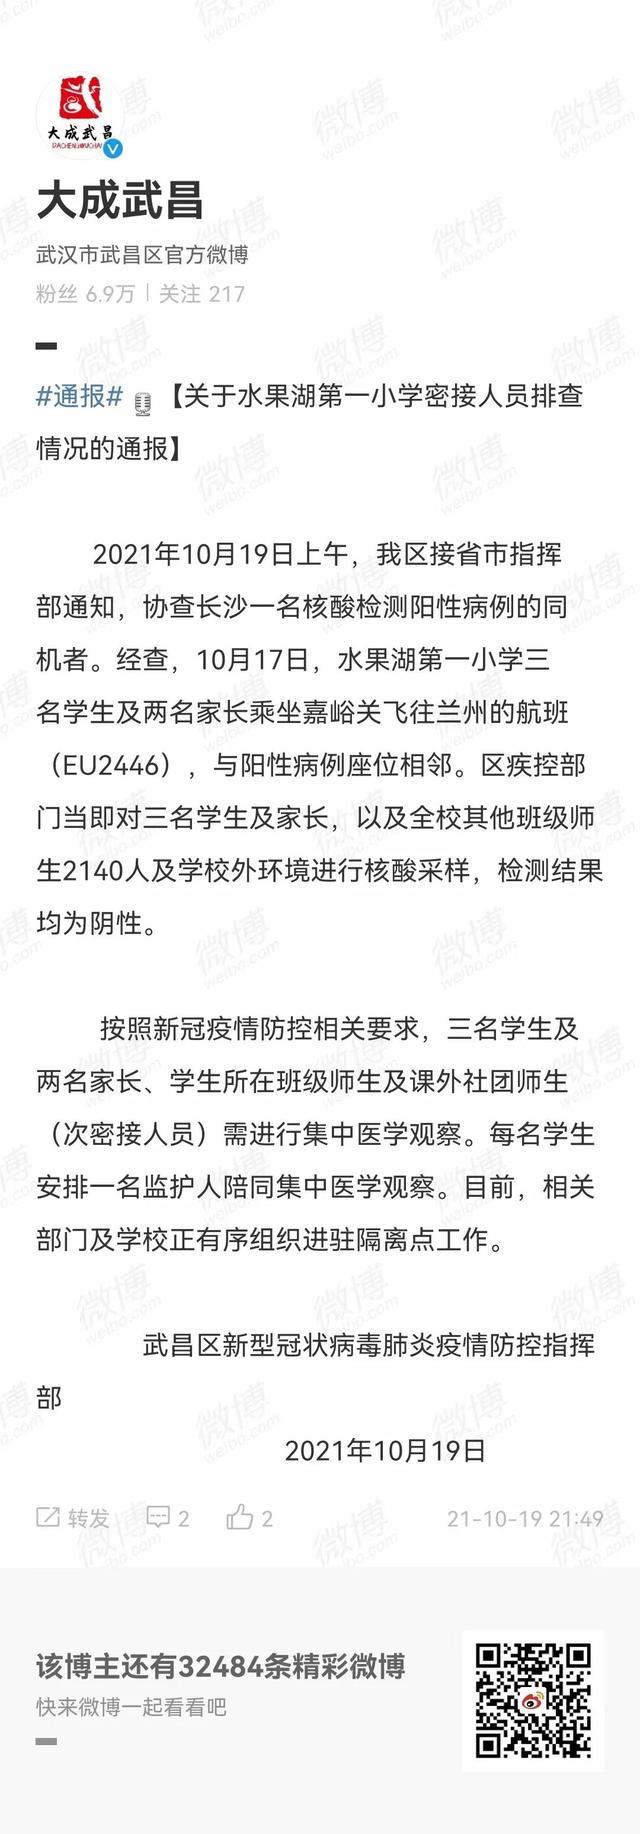 武汉发布水一小密接人员排查情况通报:师生及相关家长核酸检测结果均为阴性